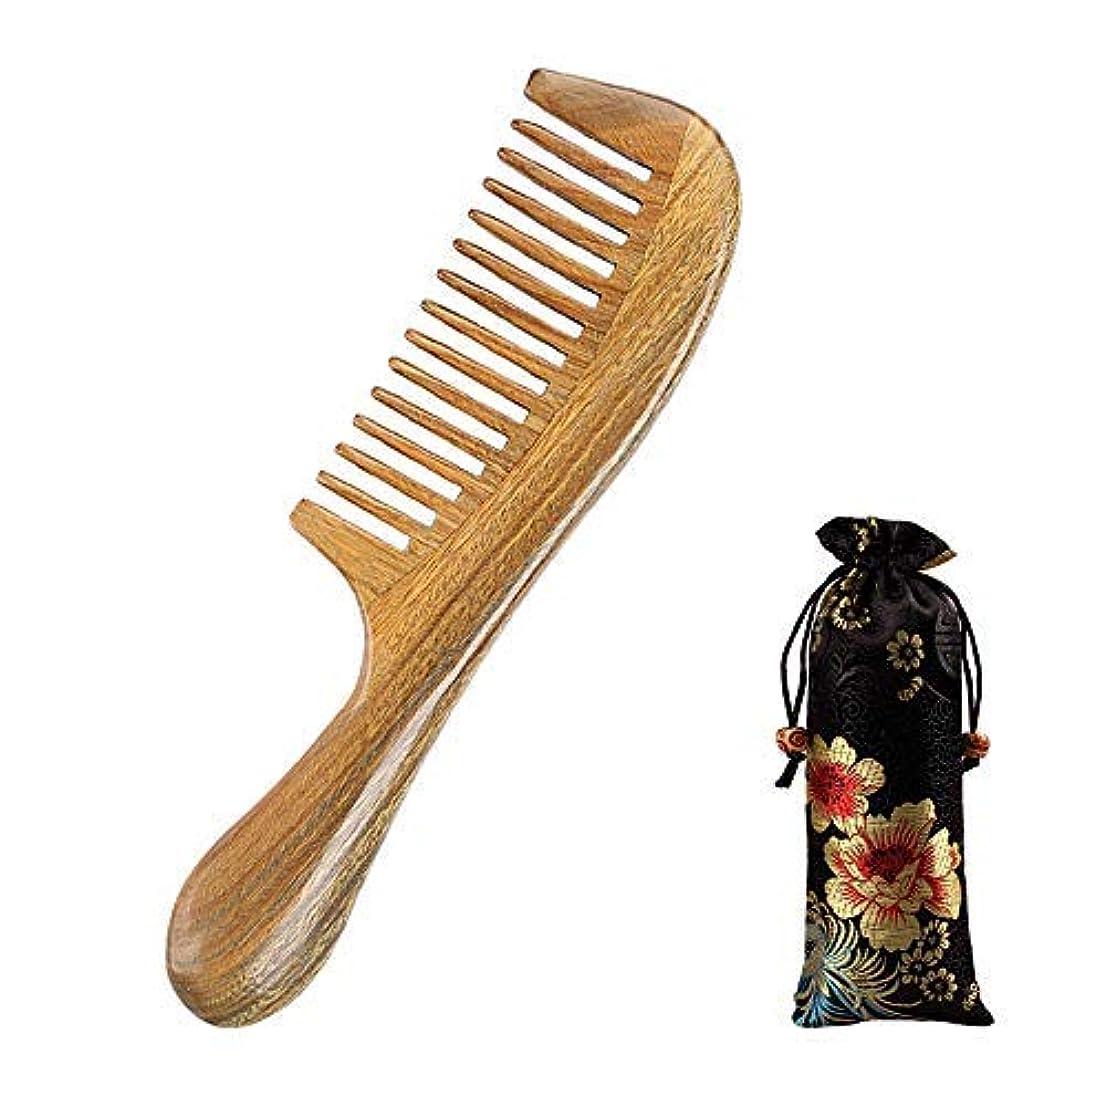 アレイ重量隙間Wood Hair Comb, B-MyDreams Natural Green Sandalwood No Static Handmade Wooden Comb [並行輸入品]